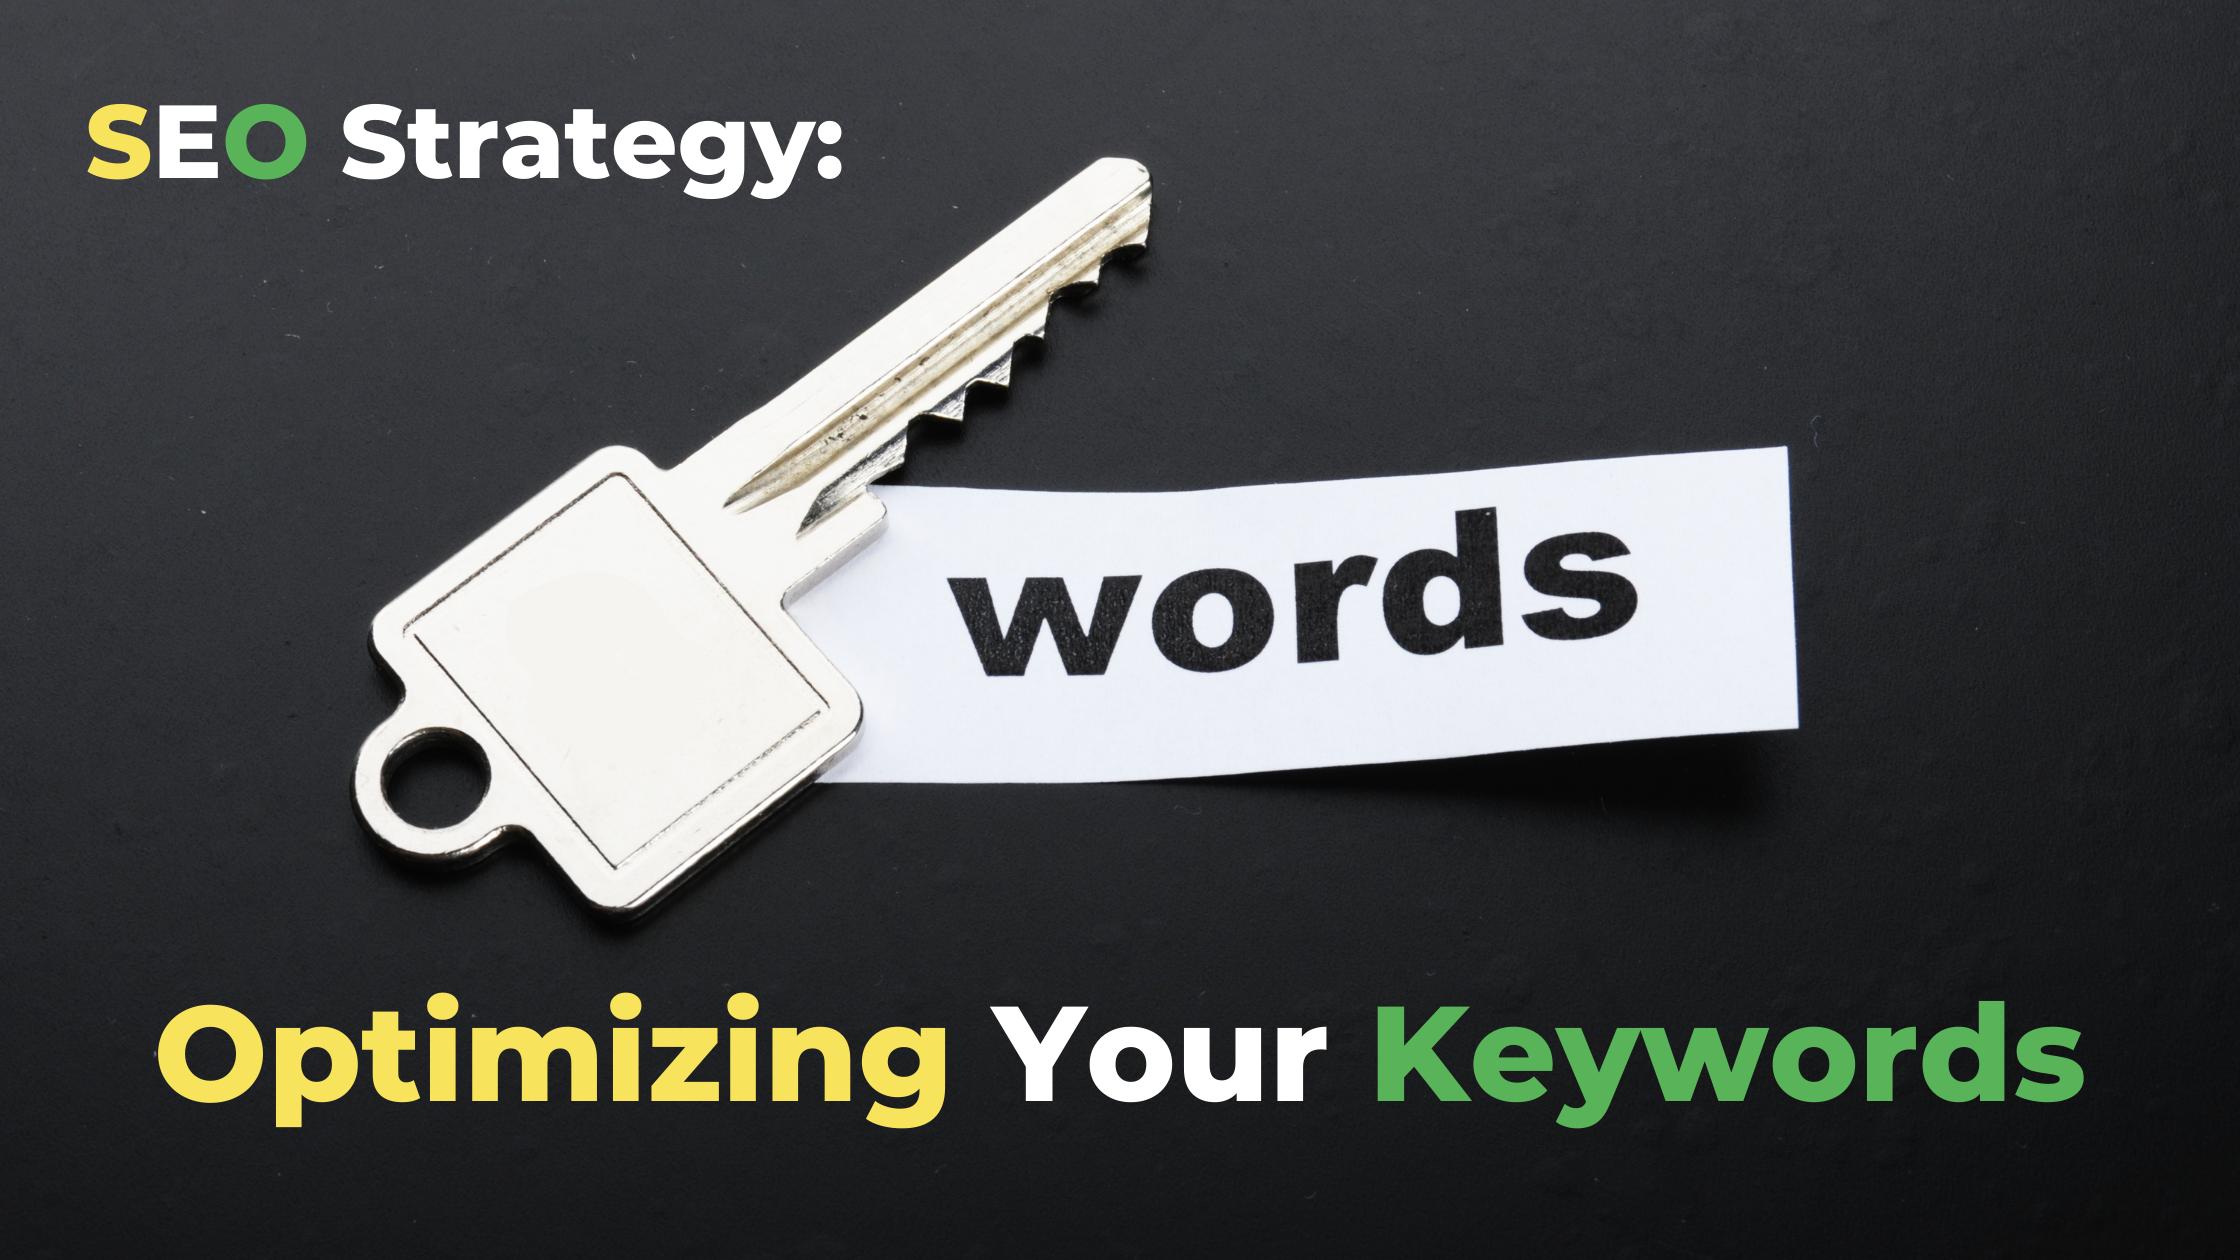 SEO Strategy: Optimizing Your Keywords